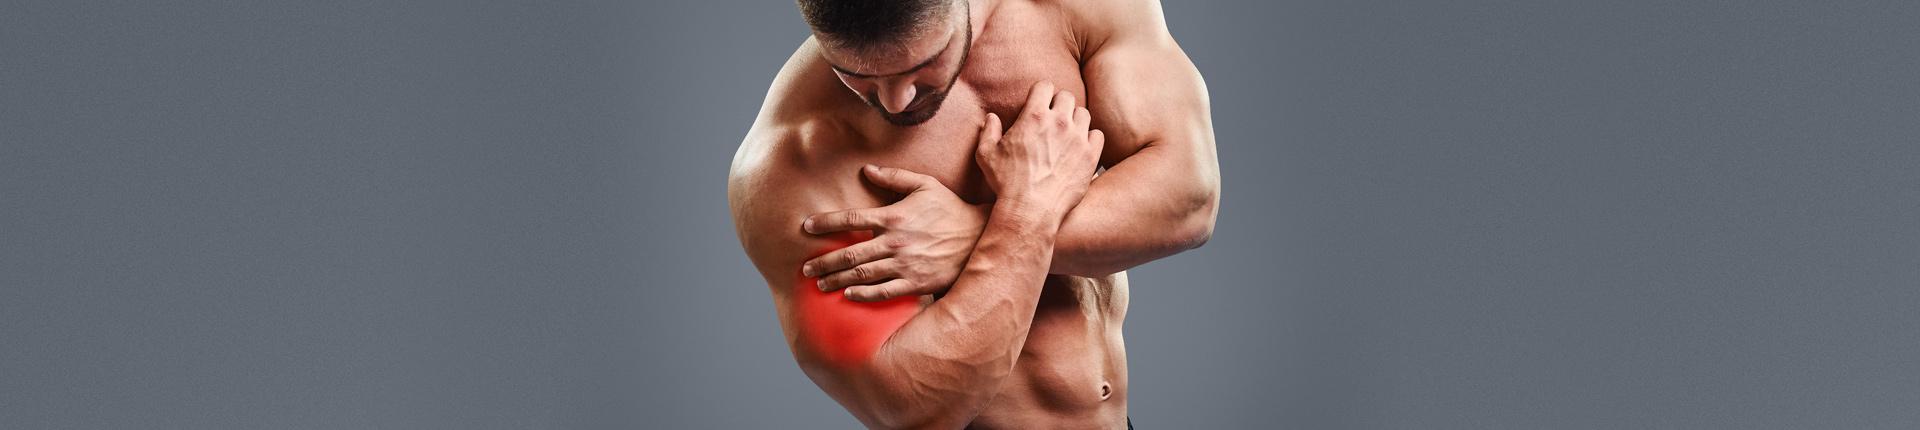 3 najczęstsze urazy na siłowni